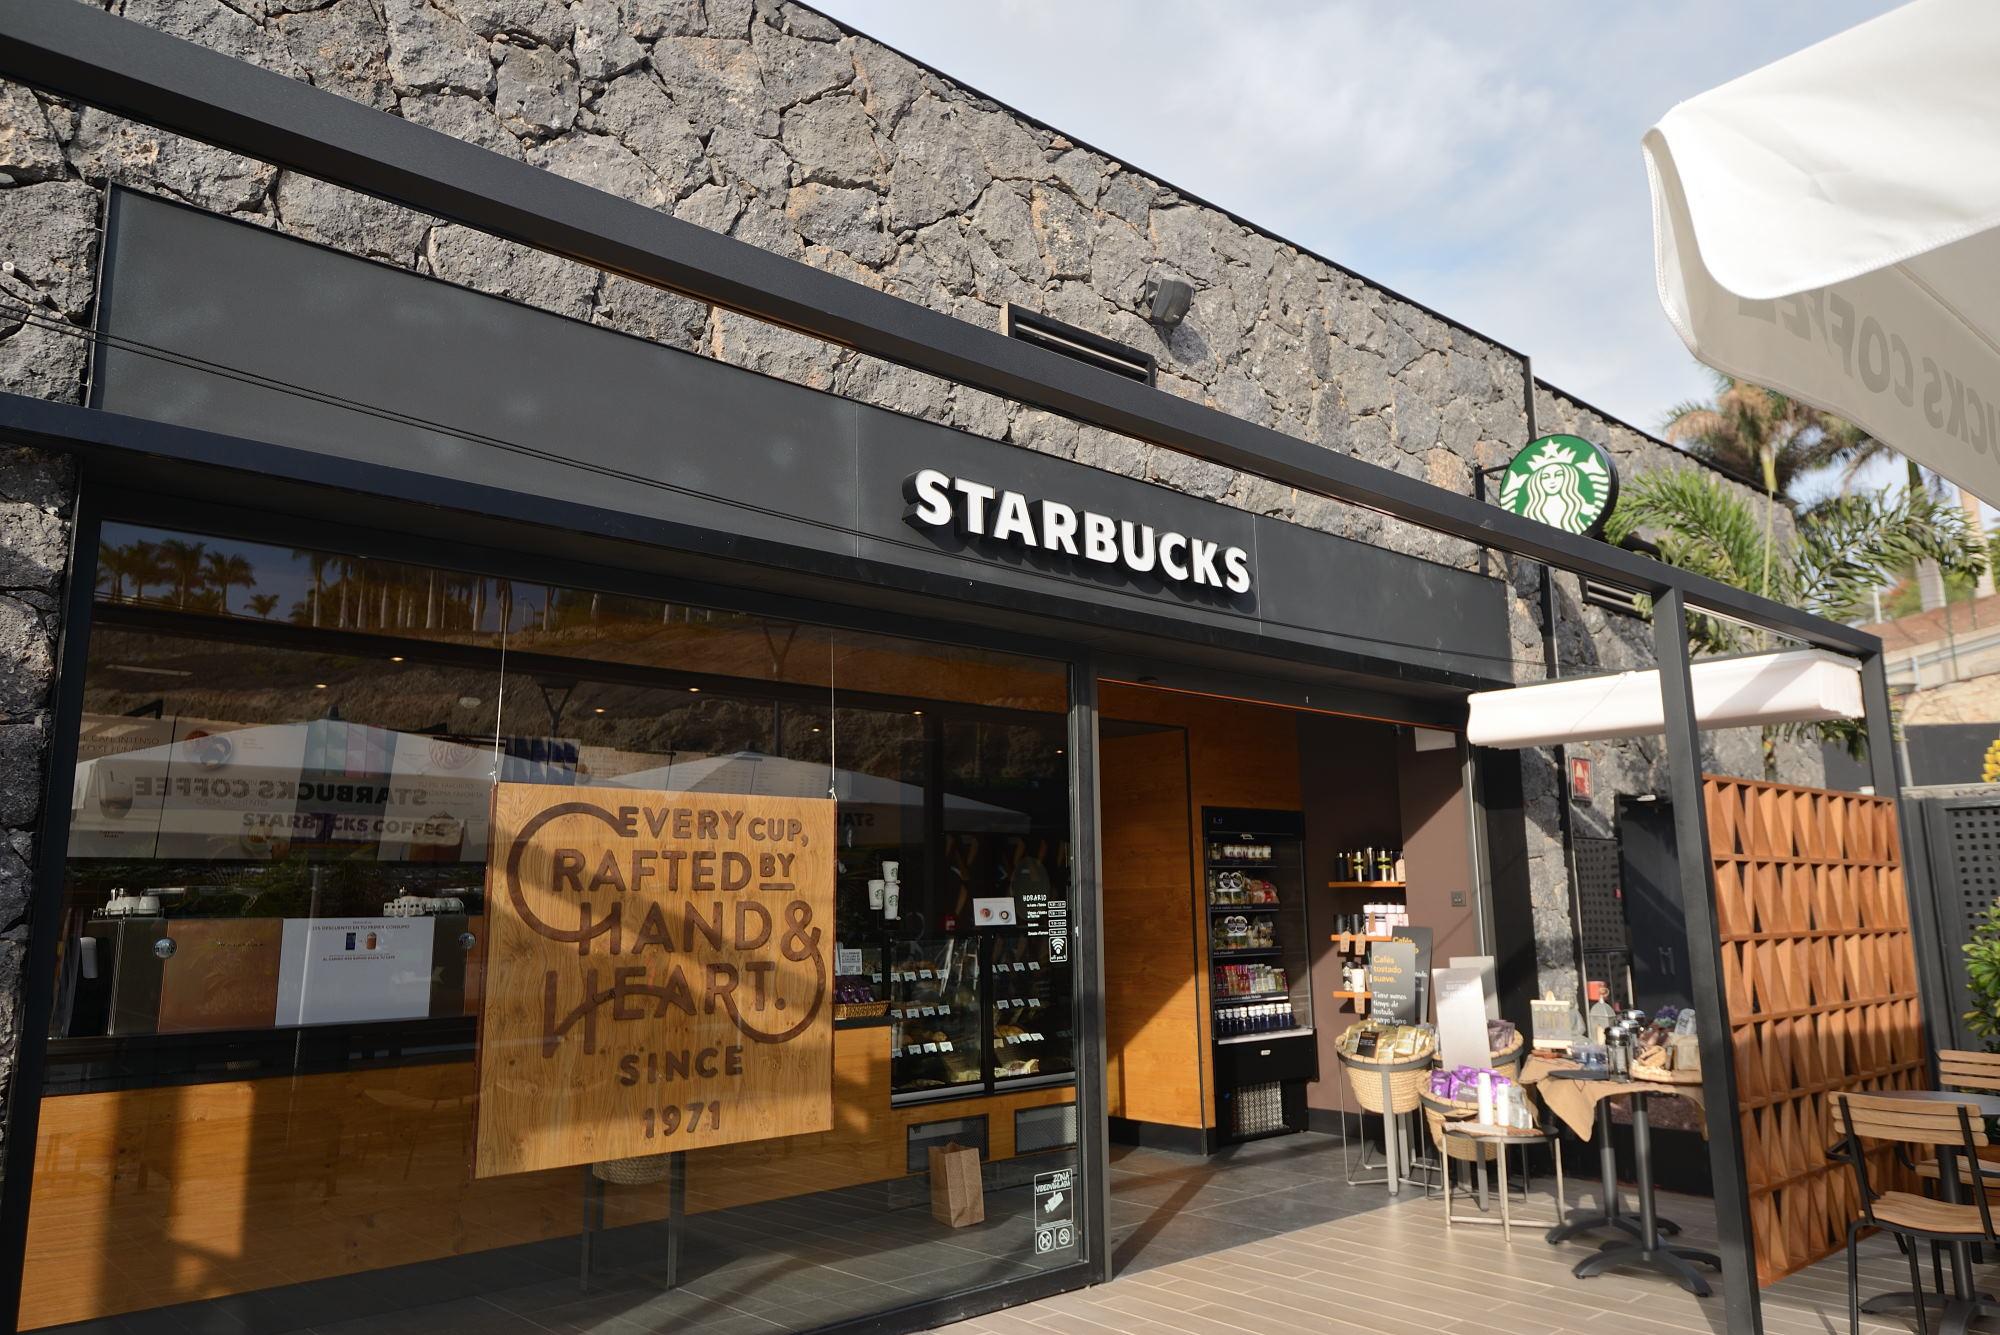 Starbucks inaugura su primera tienda en Tenerife